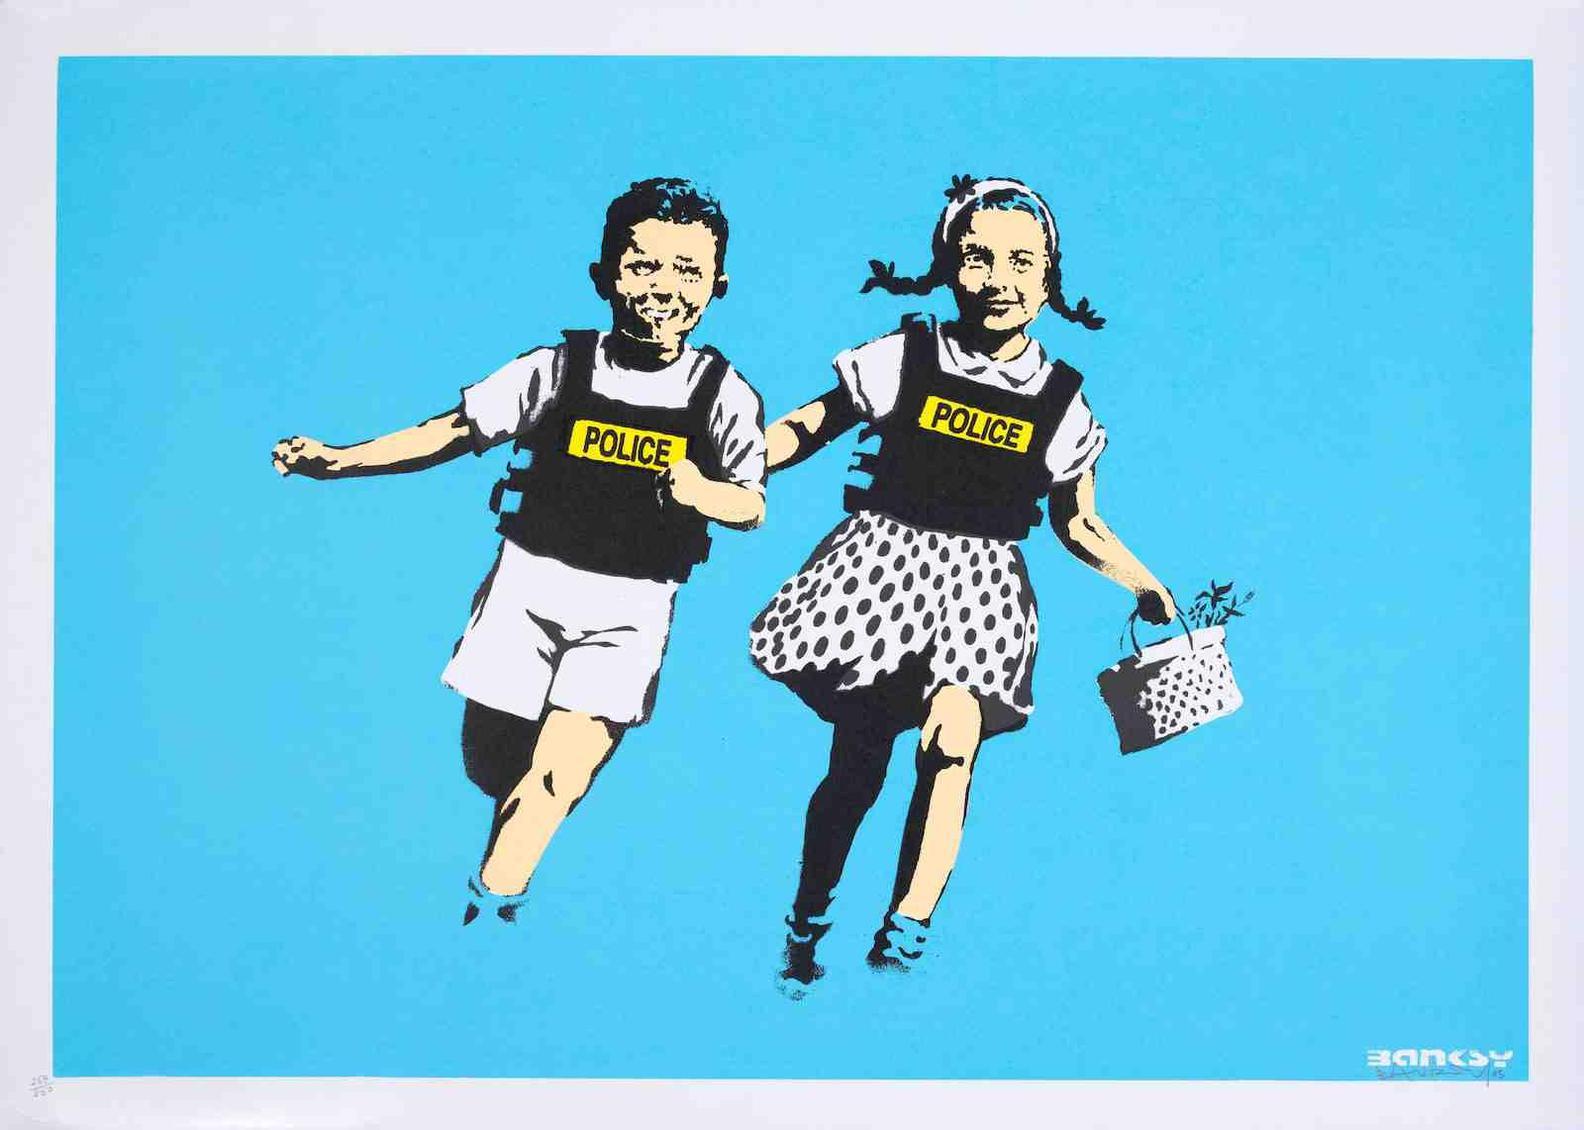 Banksy-Jack & Jill (Police Kids)-2005